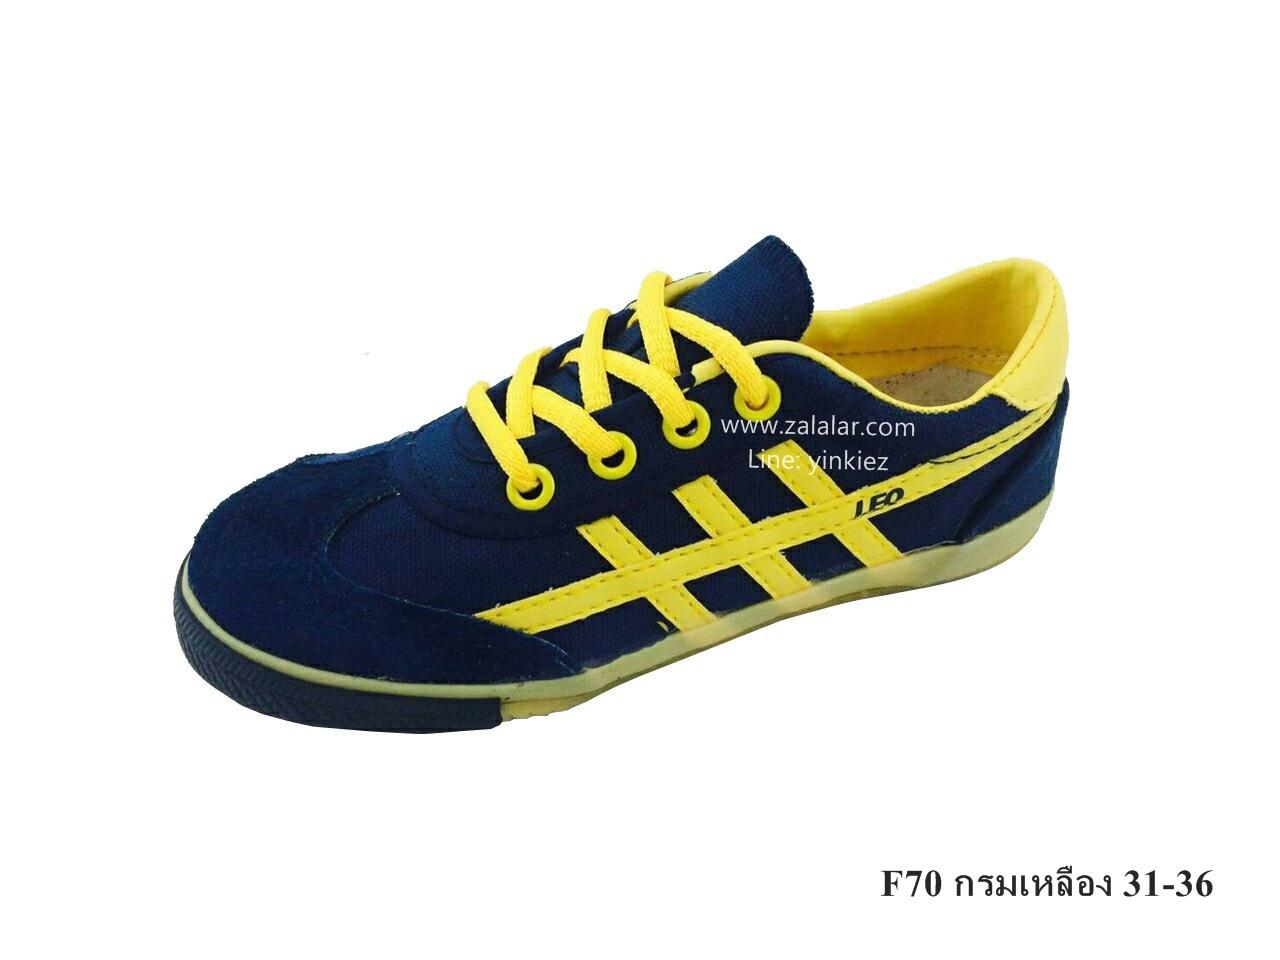 [พร้อมส่ง] รองเท้าผ้าใบเด็กแฟชั่น รุ่น F70 สีกรมเหลือง